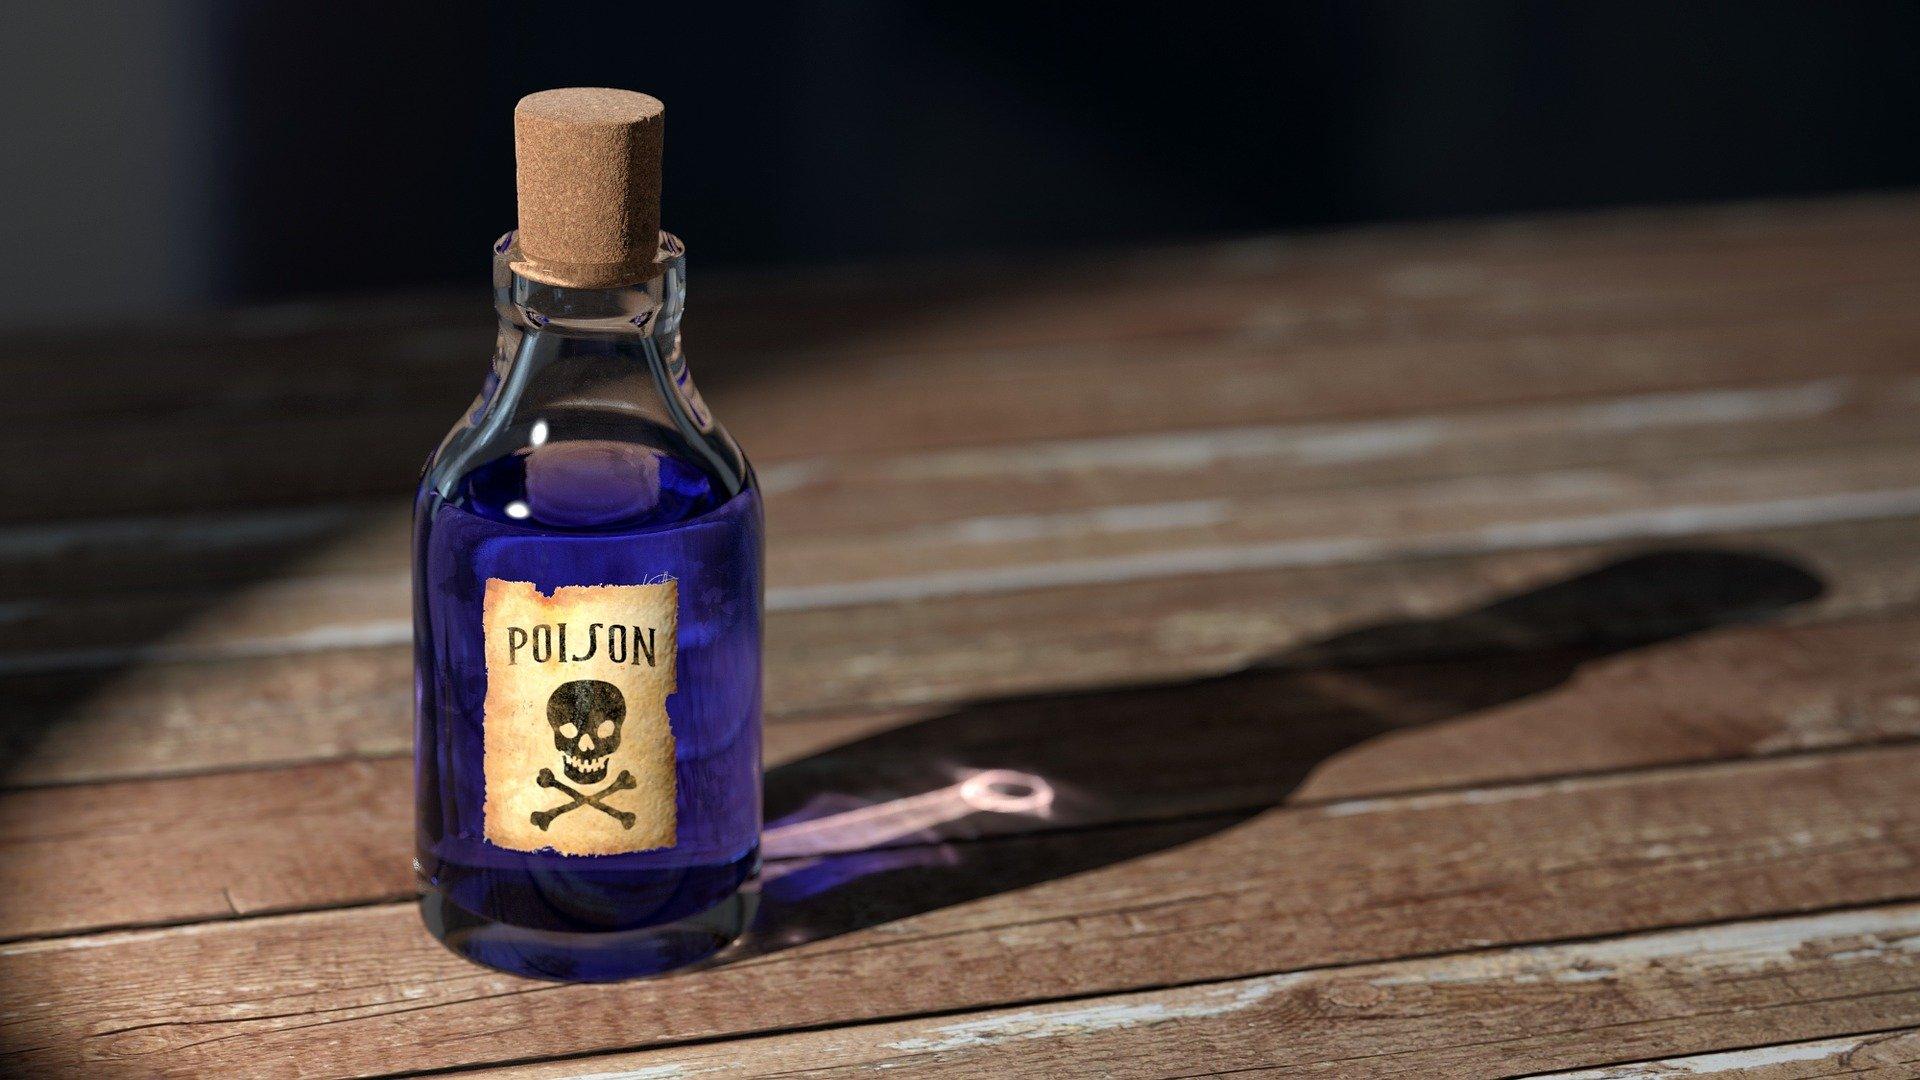 L'invasion des substances chimiques: une véritable menace sanitaire